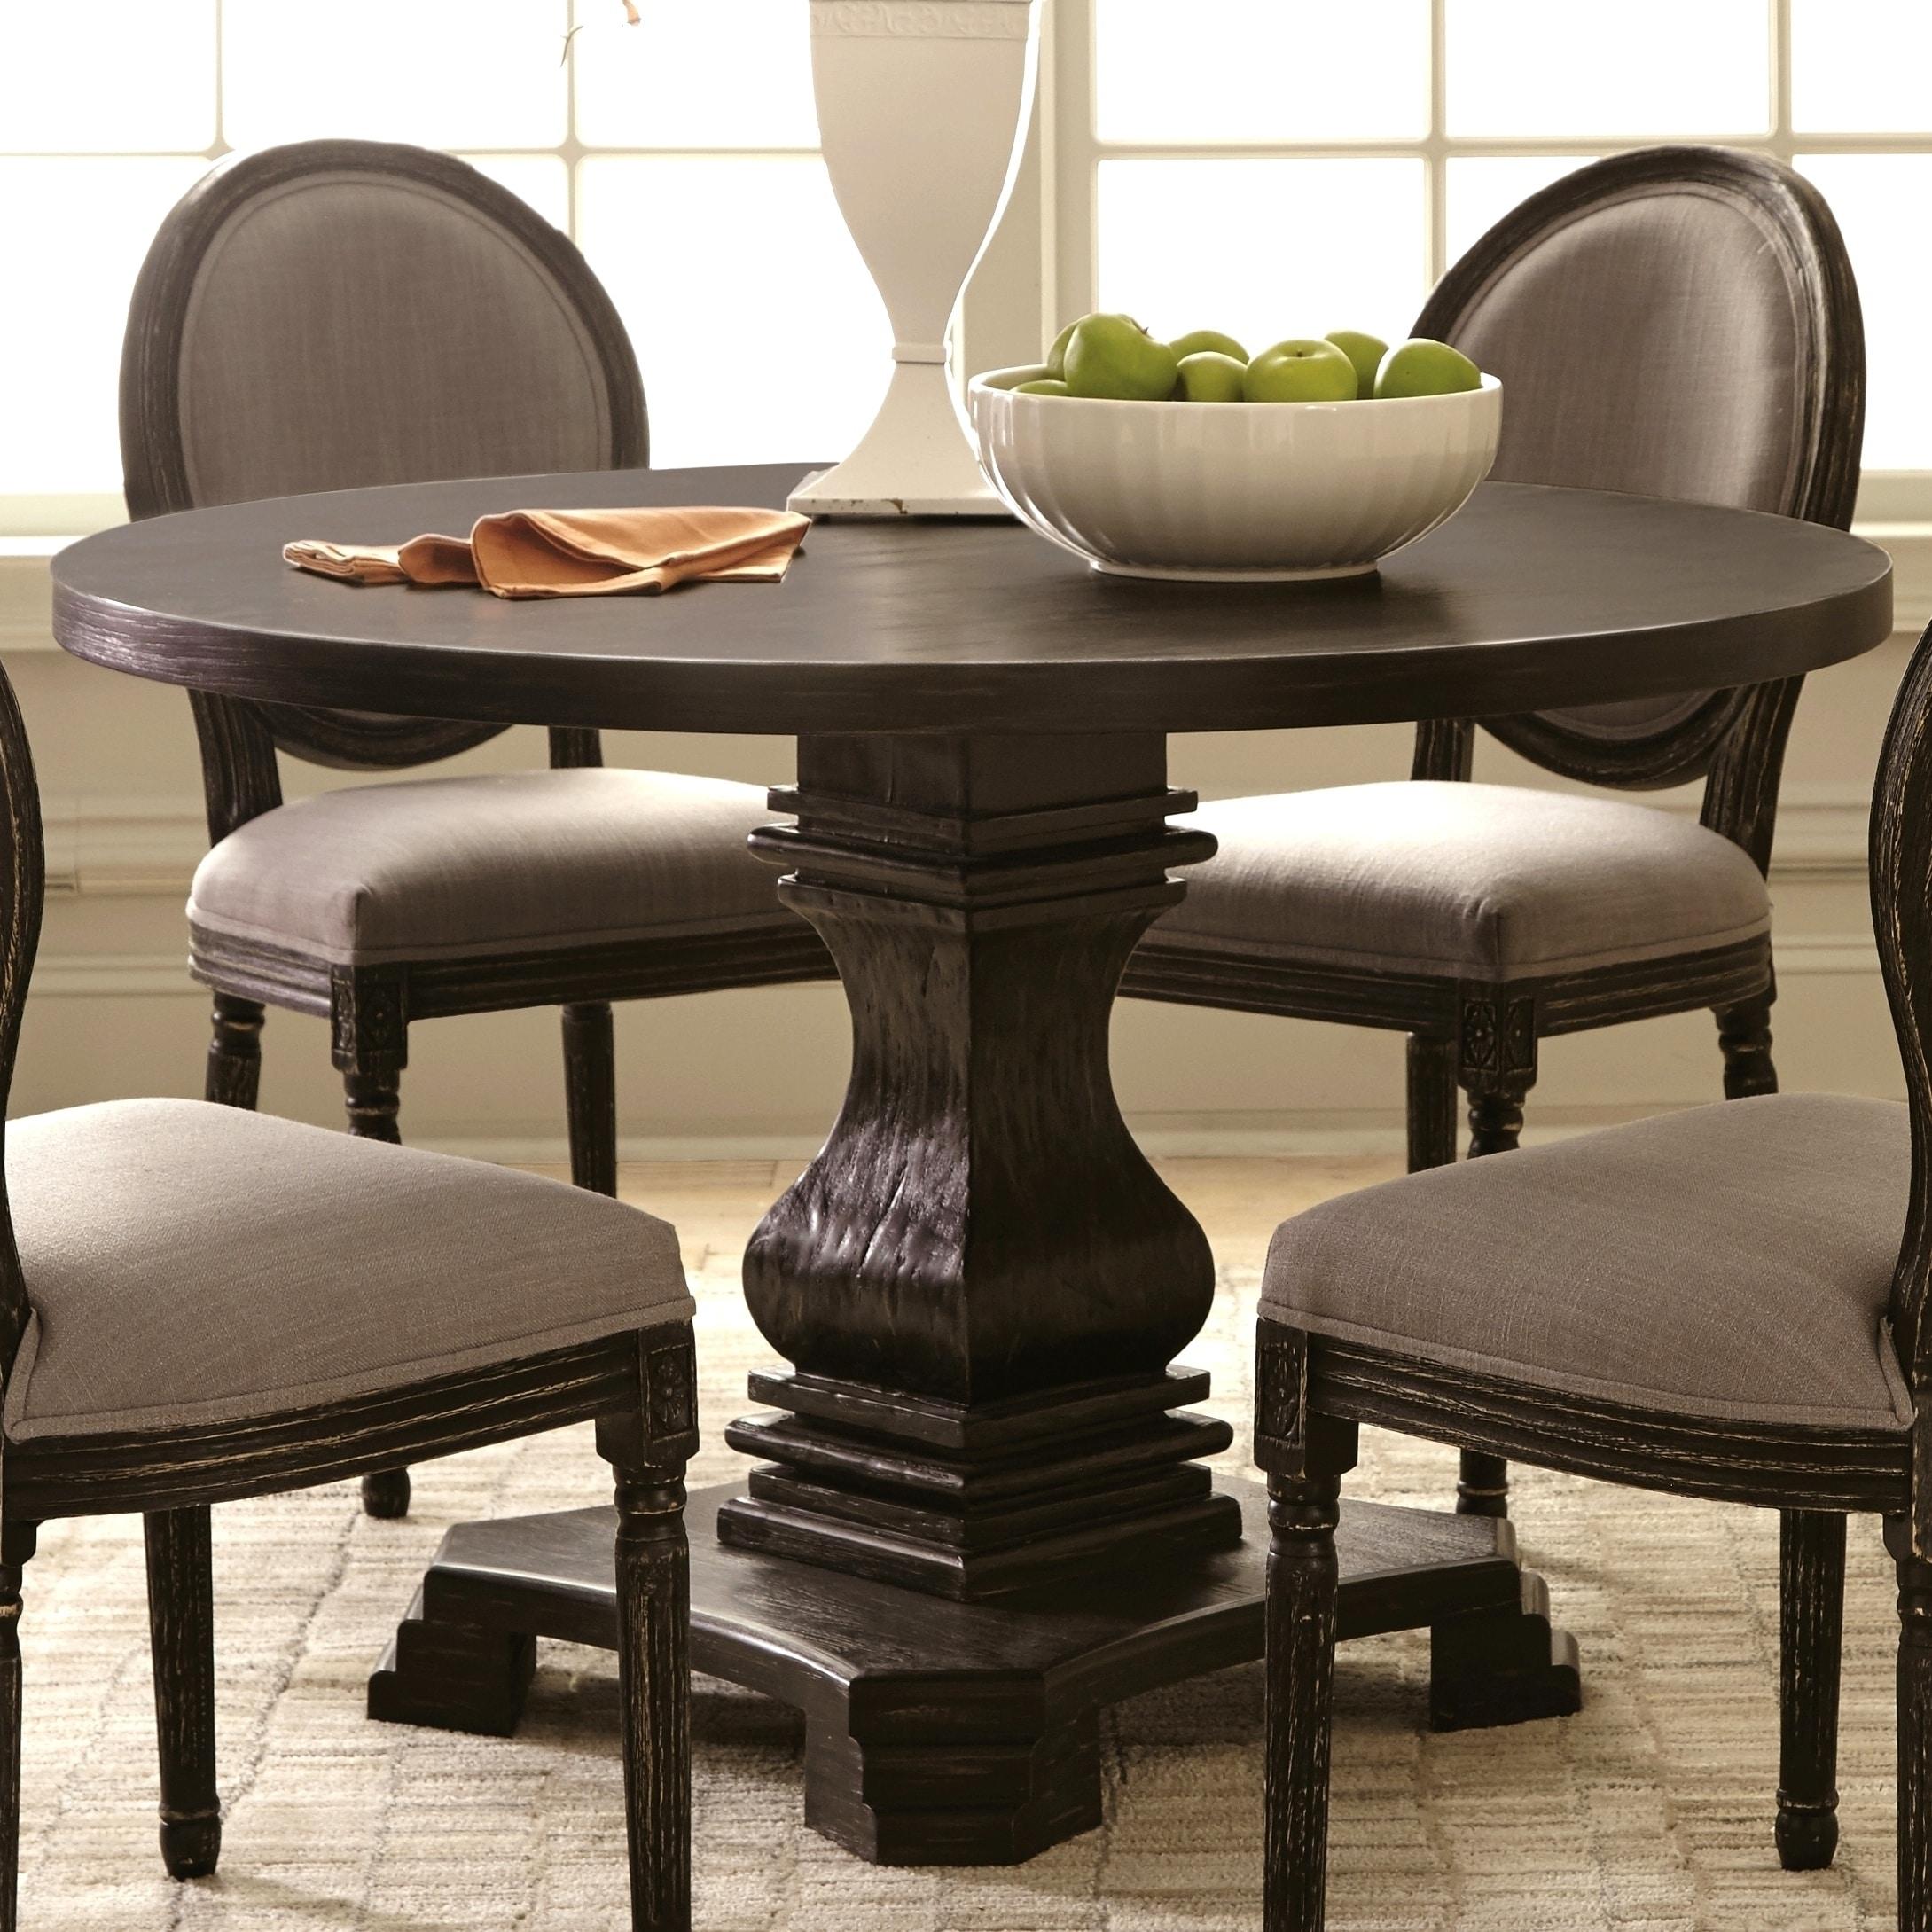 European Classic Design Round Dining Table